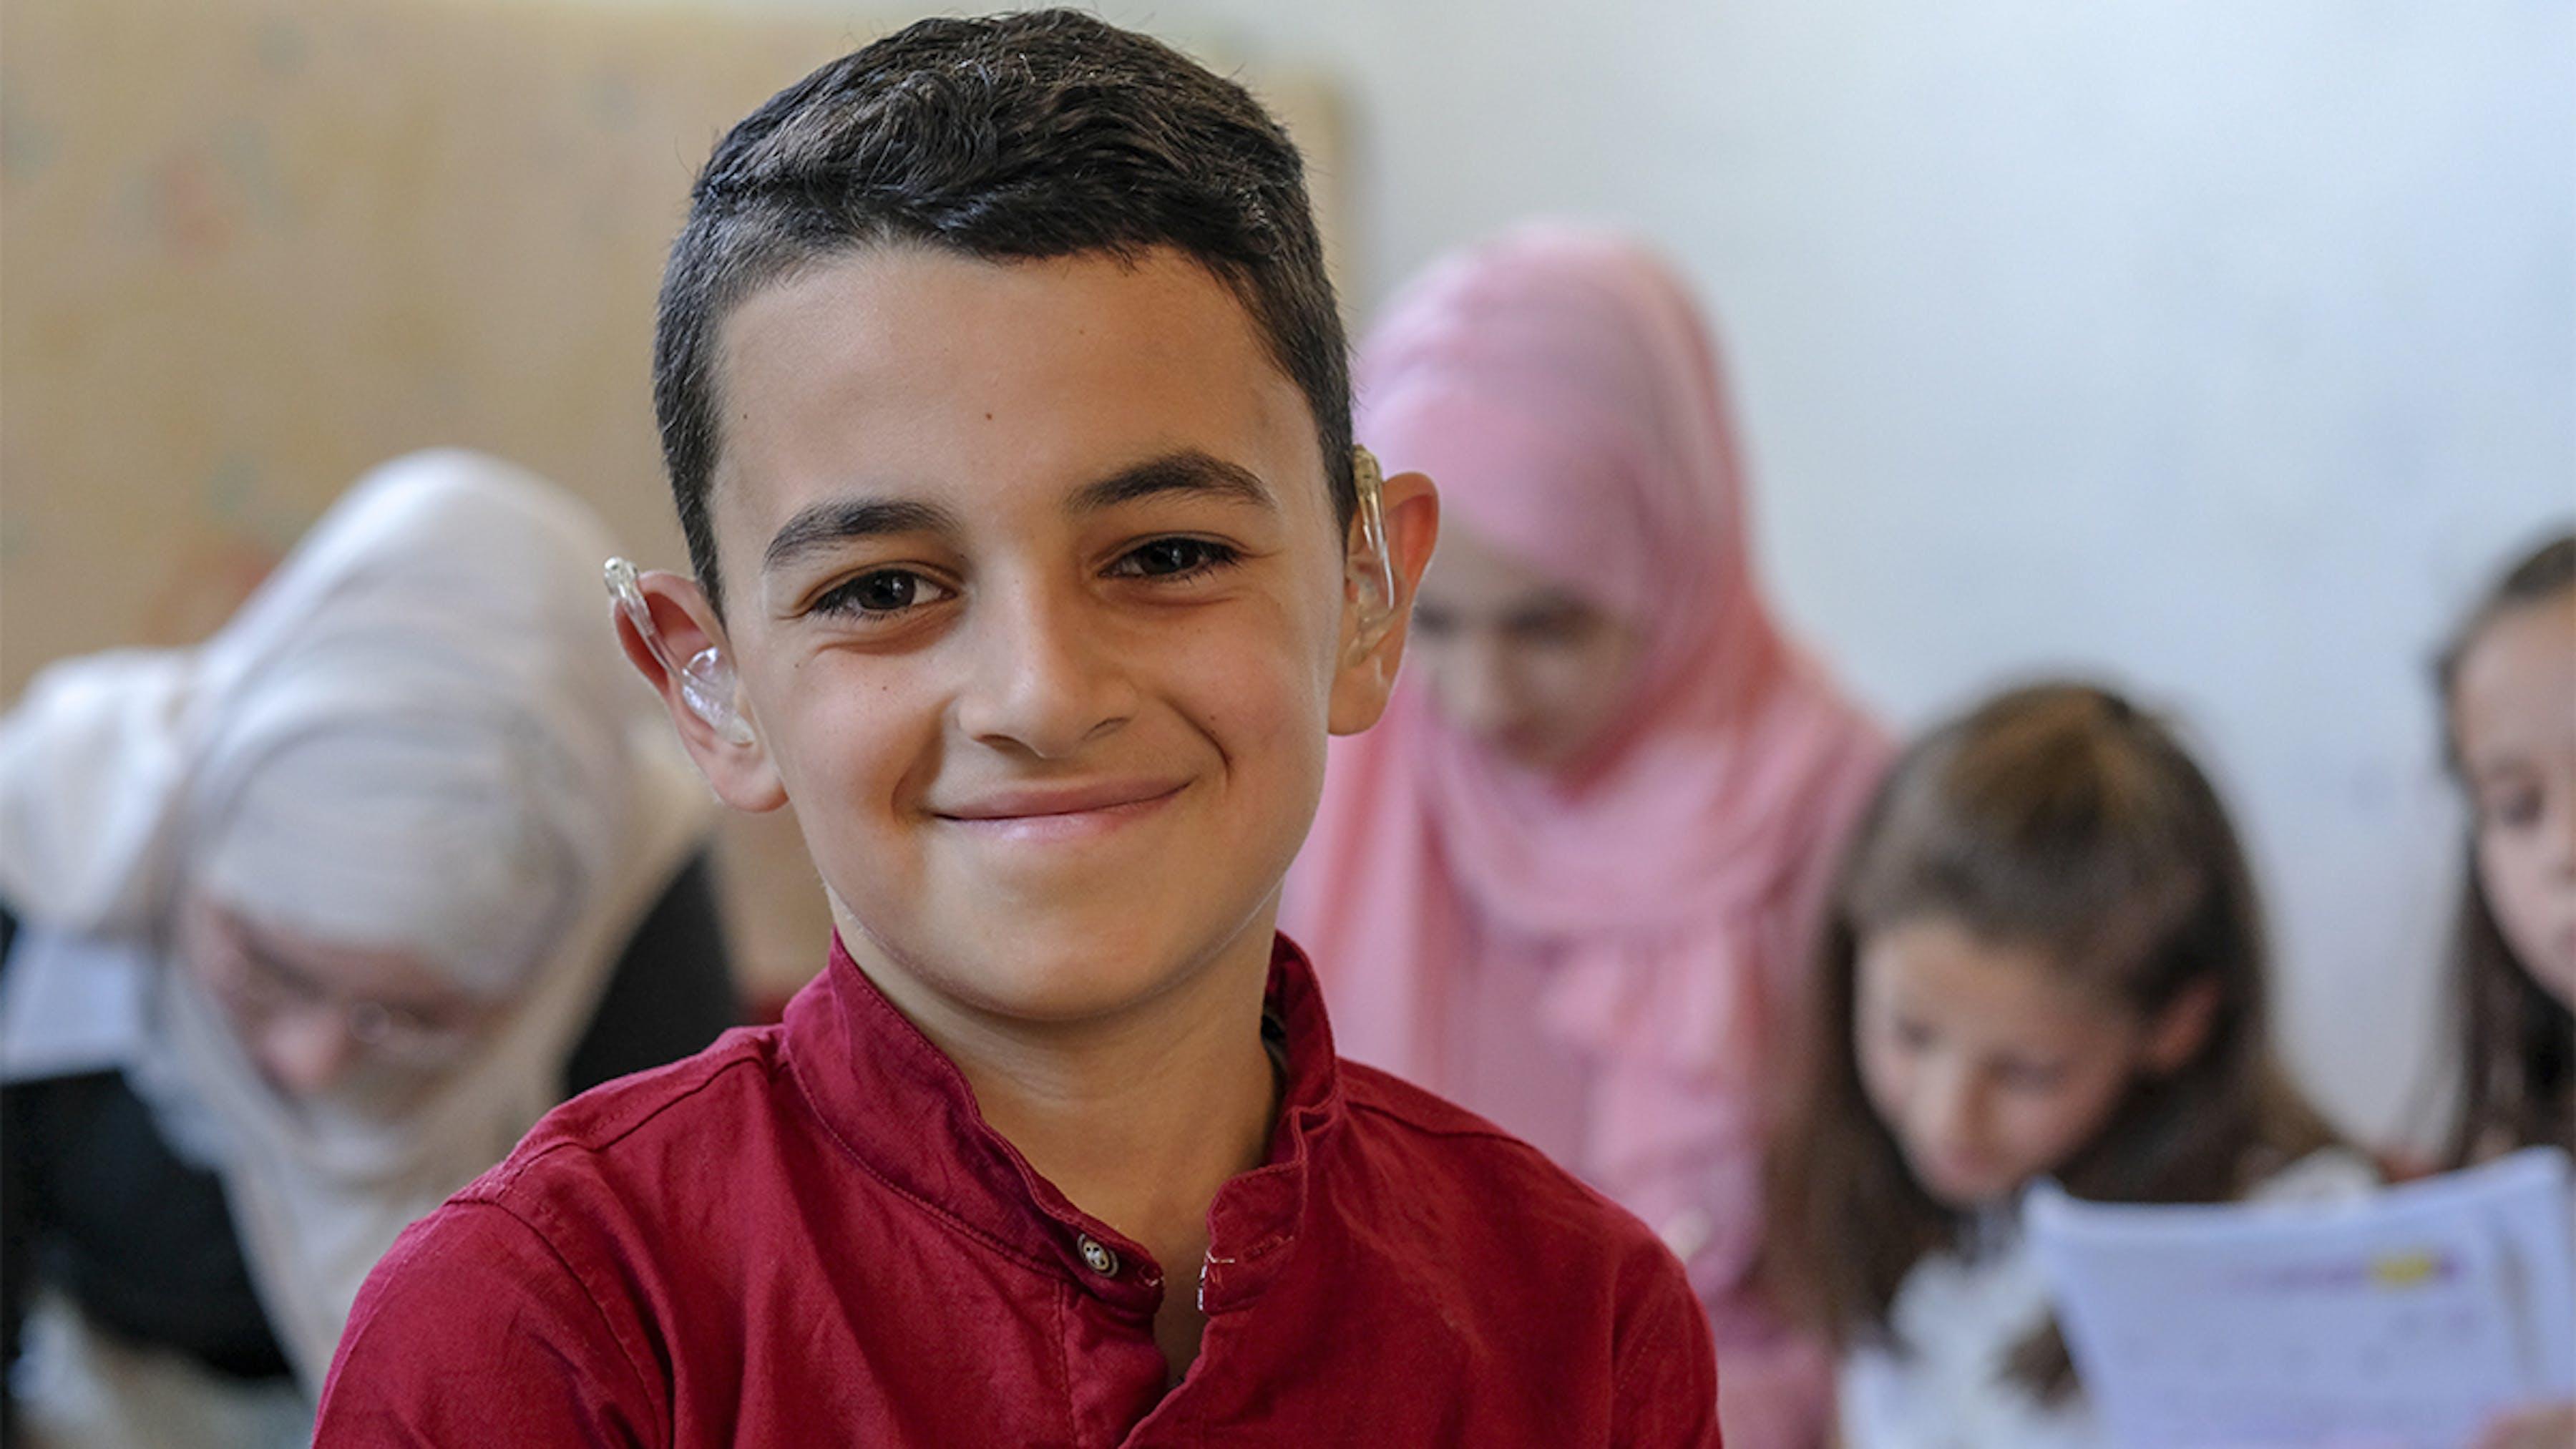 Giordania, la famiglia di questo ragazzo beneficia di un programma di trasferimento in denaro.